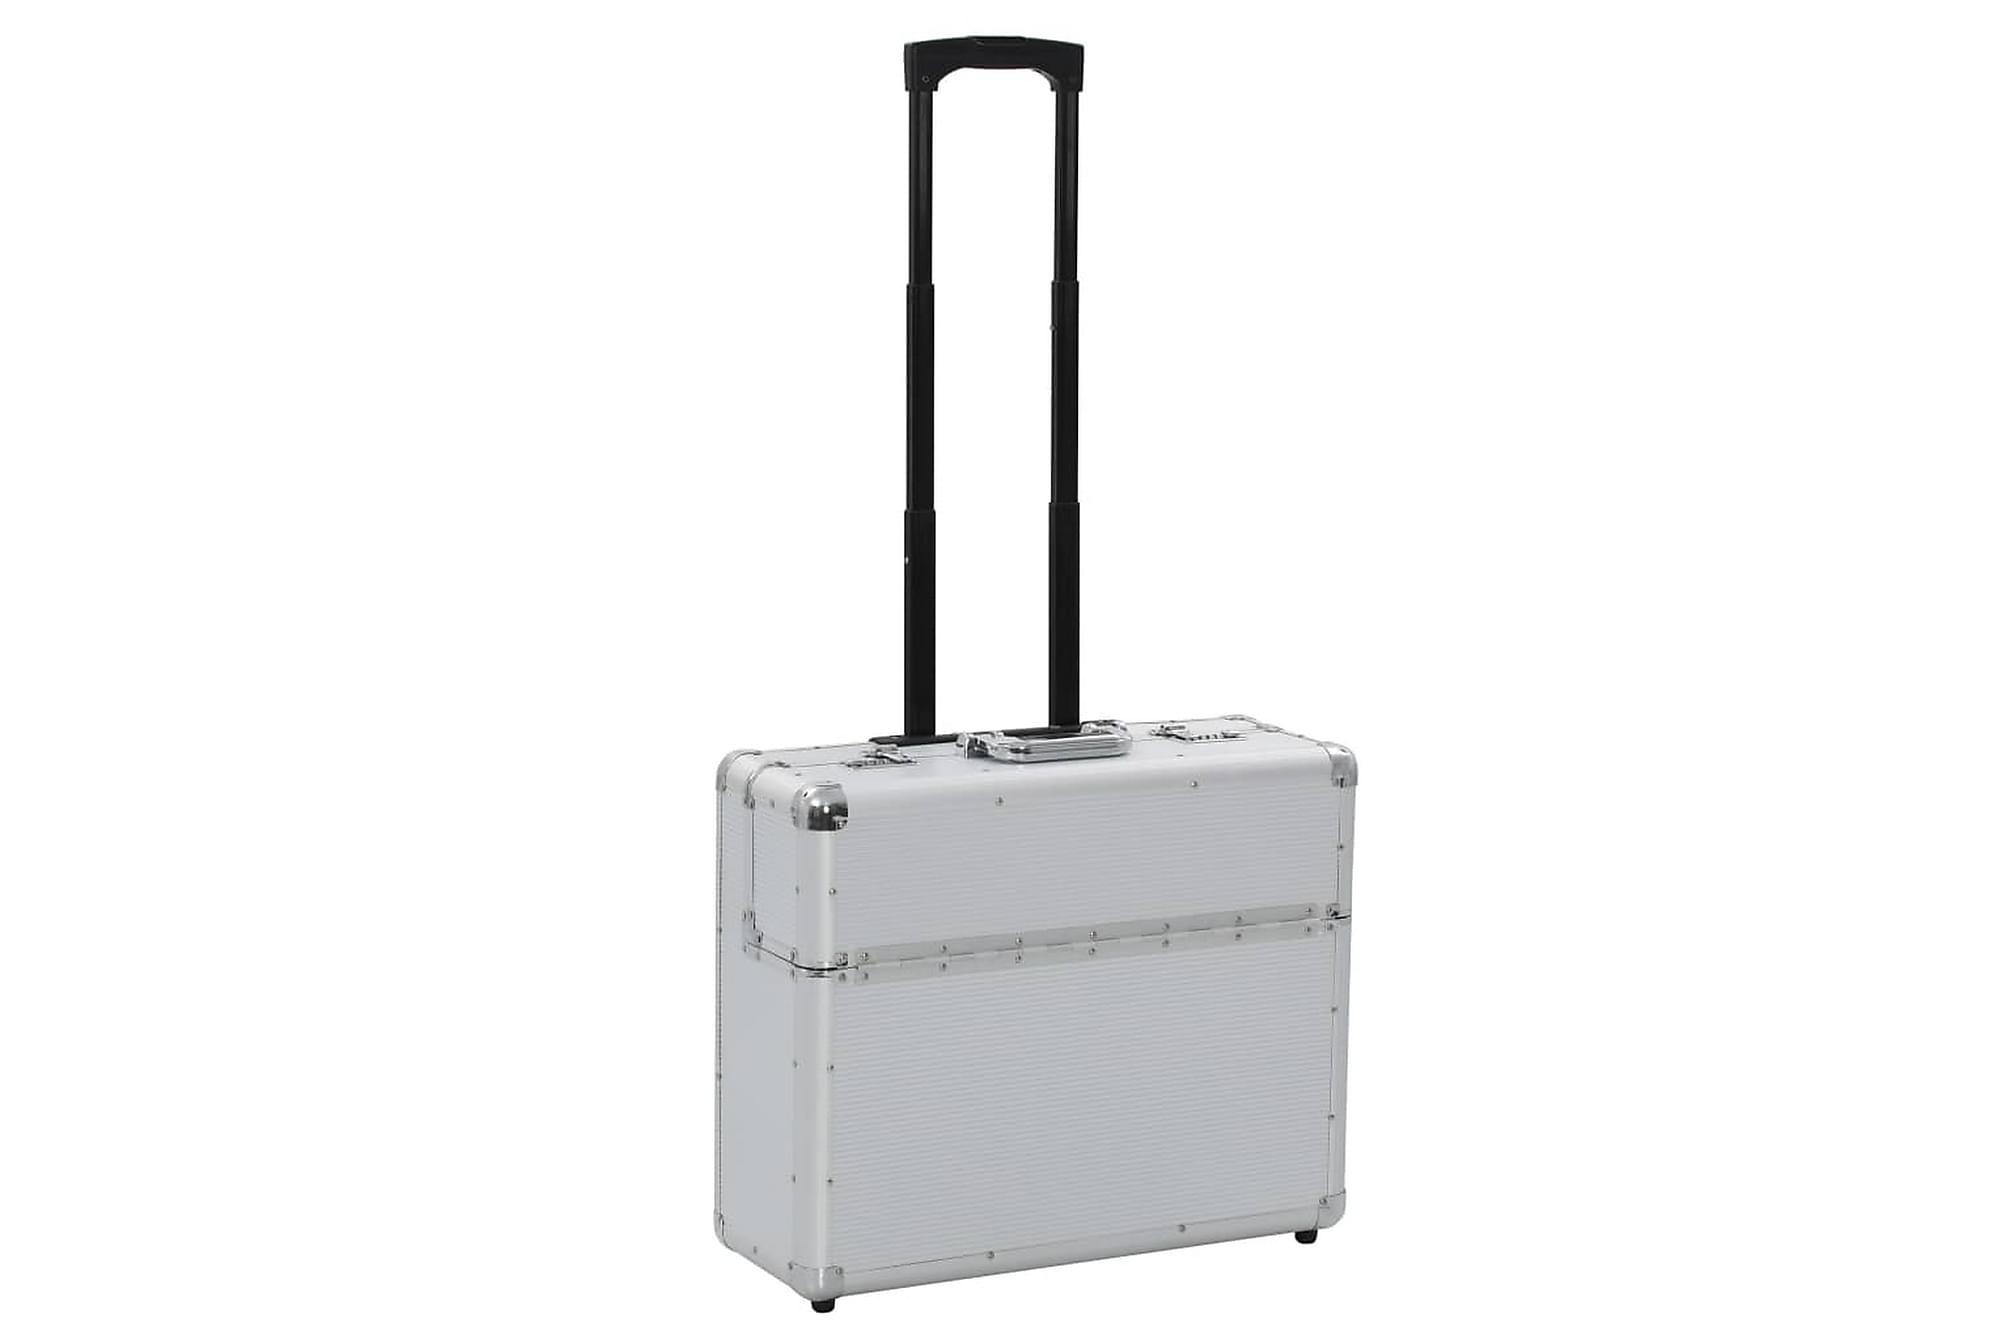 Pilotväska 54x44x21 cm silver aluminium